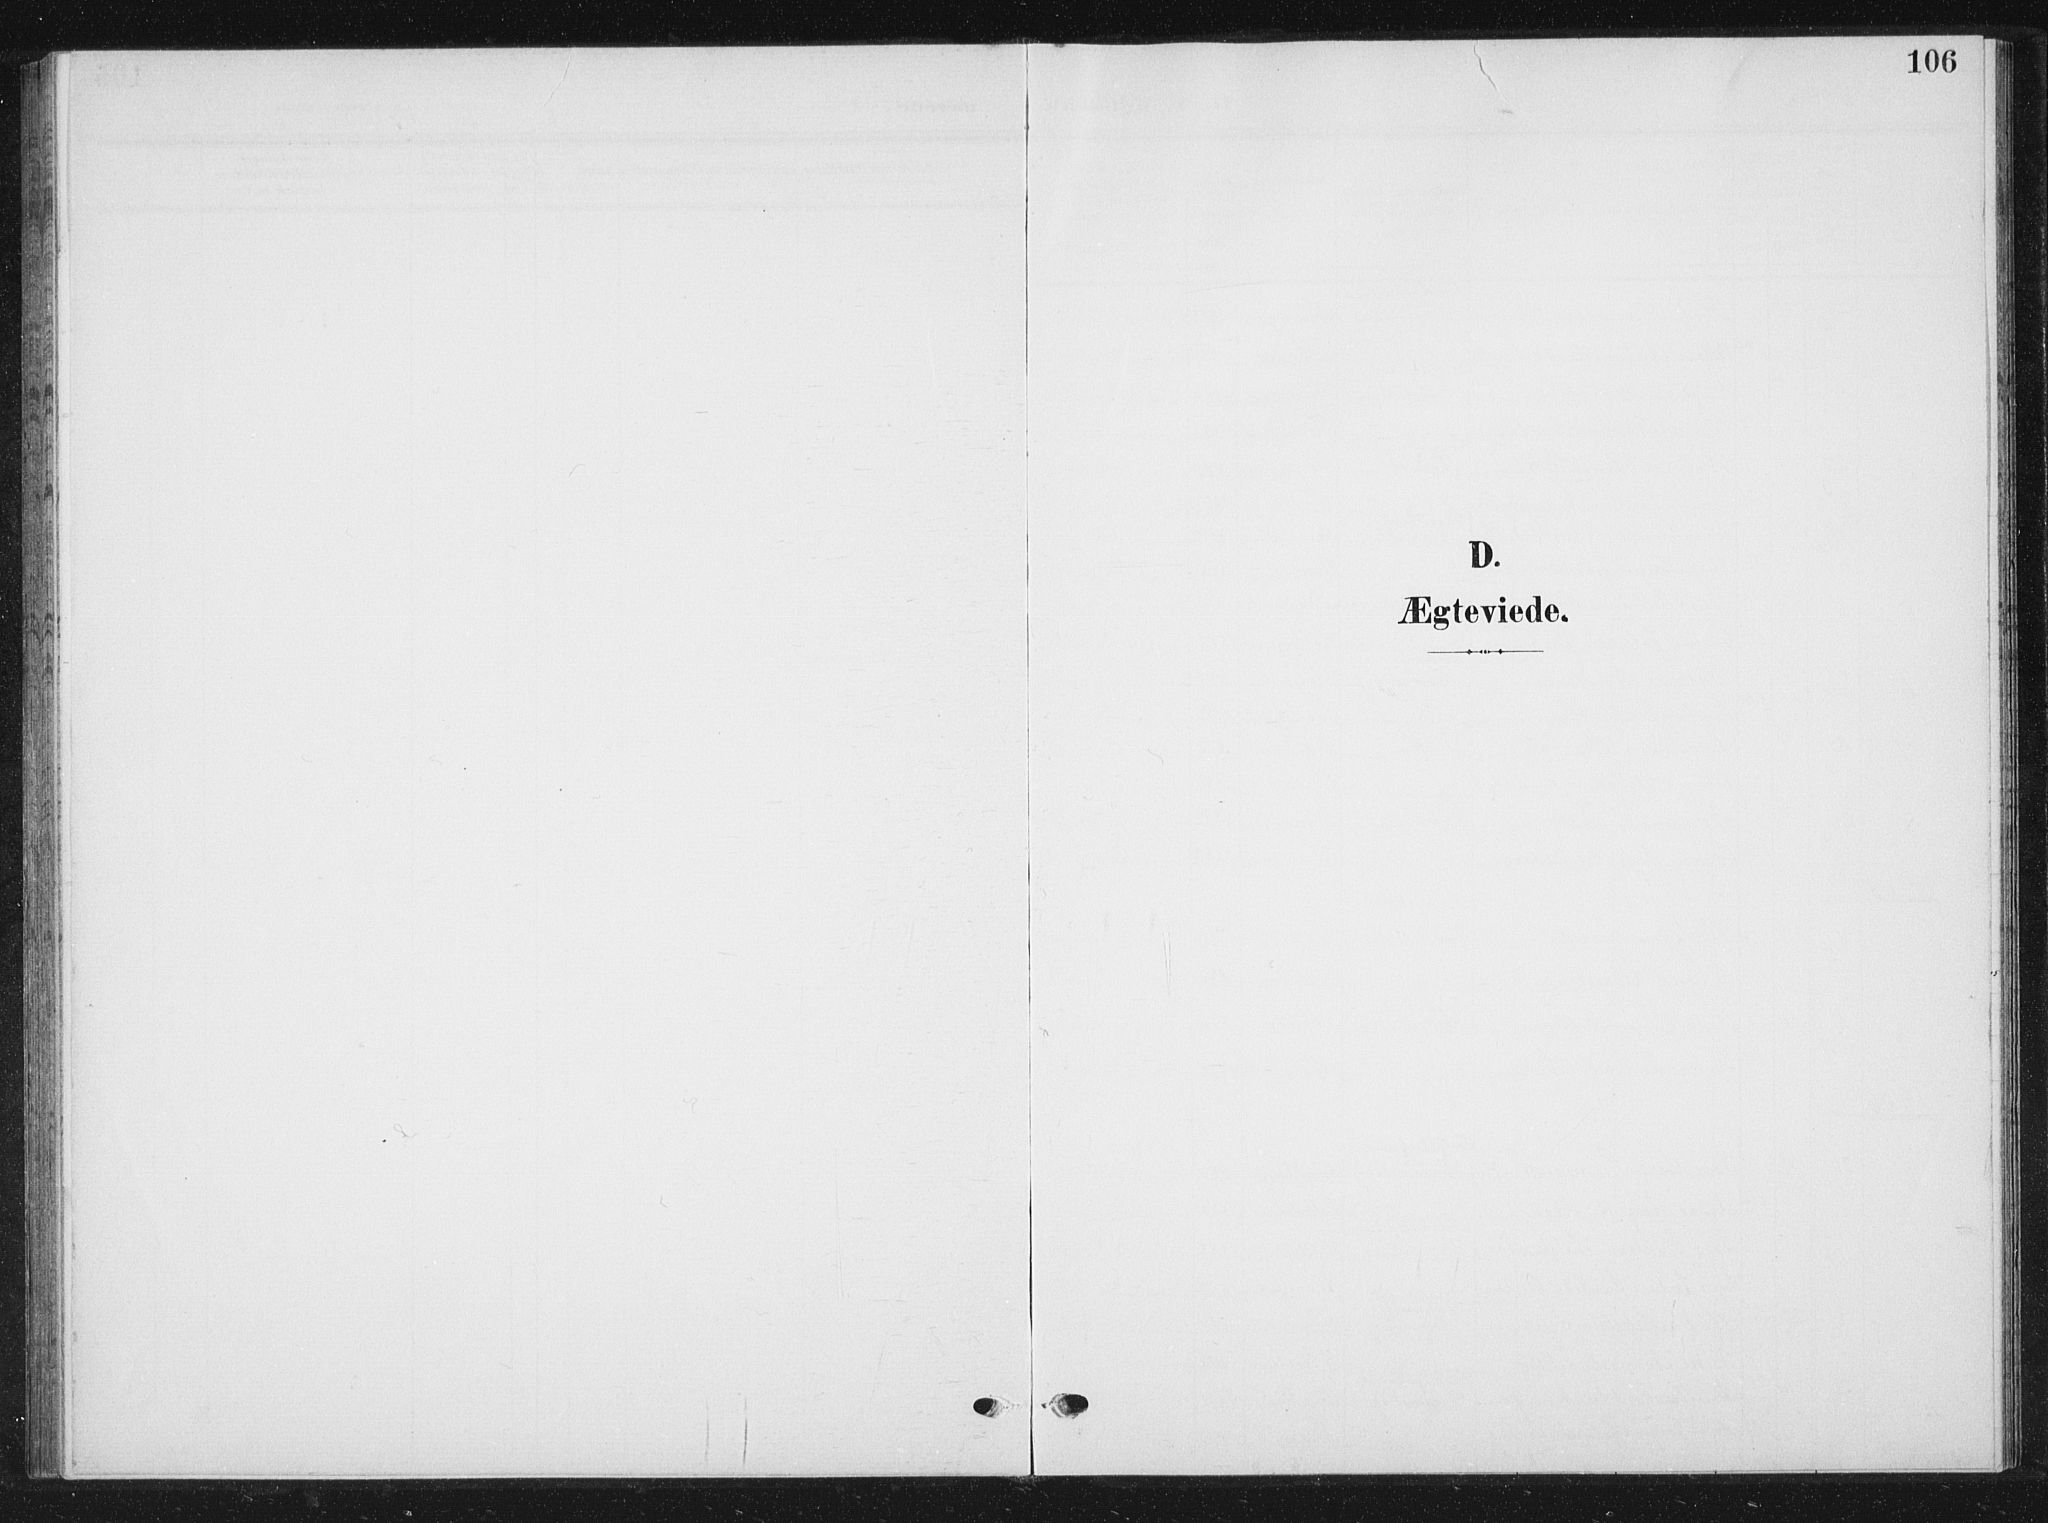 SAT, Ministerialprotokoller, klokkerbøker og fødselsregistre - Sør-Trøndelag, 616/L0424: Klokkerbok nr. 616C07, 1904-1940, s. 106